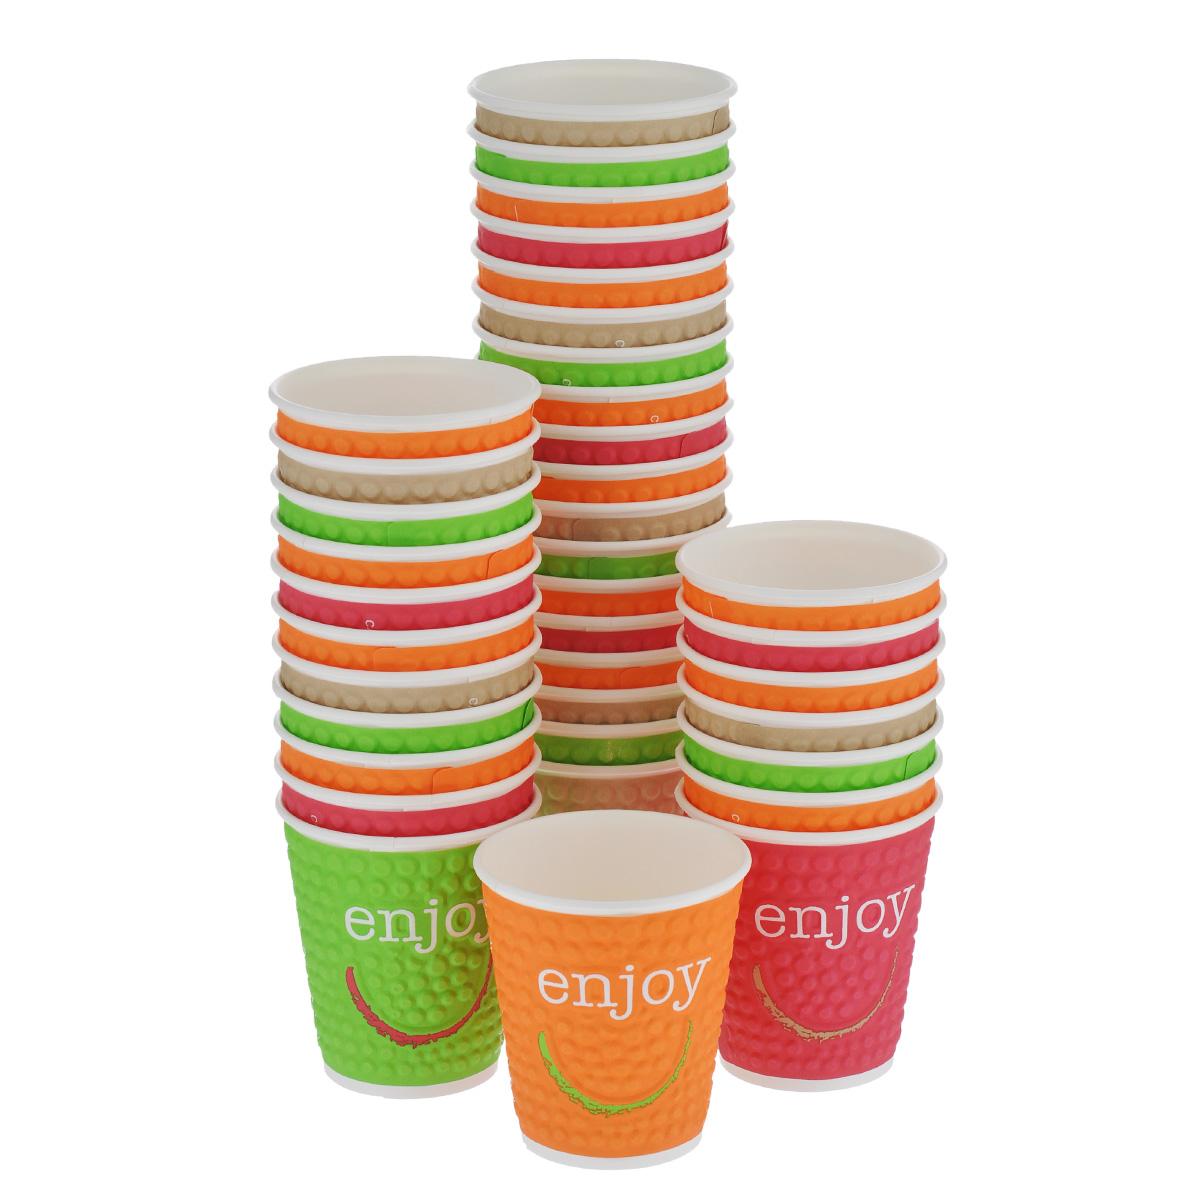 Набор одноразовых стаканов Enjoy, 200 мл, 37 шт414542Набор Enjoy состоит из 37 разноцветных рельефных стаканов, выполненных из высококачественного двухслойного картона и предназначенных для одноразового использования. Стаканы подойдут для холодных и горячих напитков. Применять при температуре не более +88°С в течении 15 минут. Одноразовые стаканы будут незаменимы при поездках на природу, пикниках и других мероприятиях. Они не займут много места, легки и самое главное - после использования их не надо мыть.